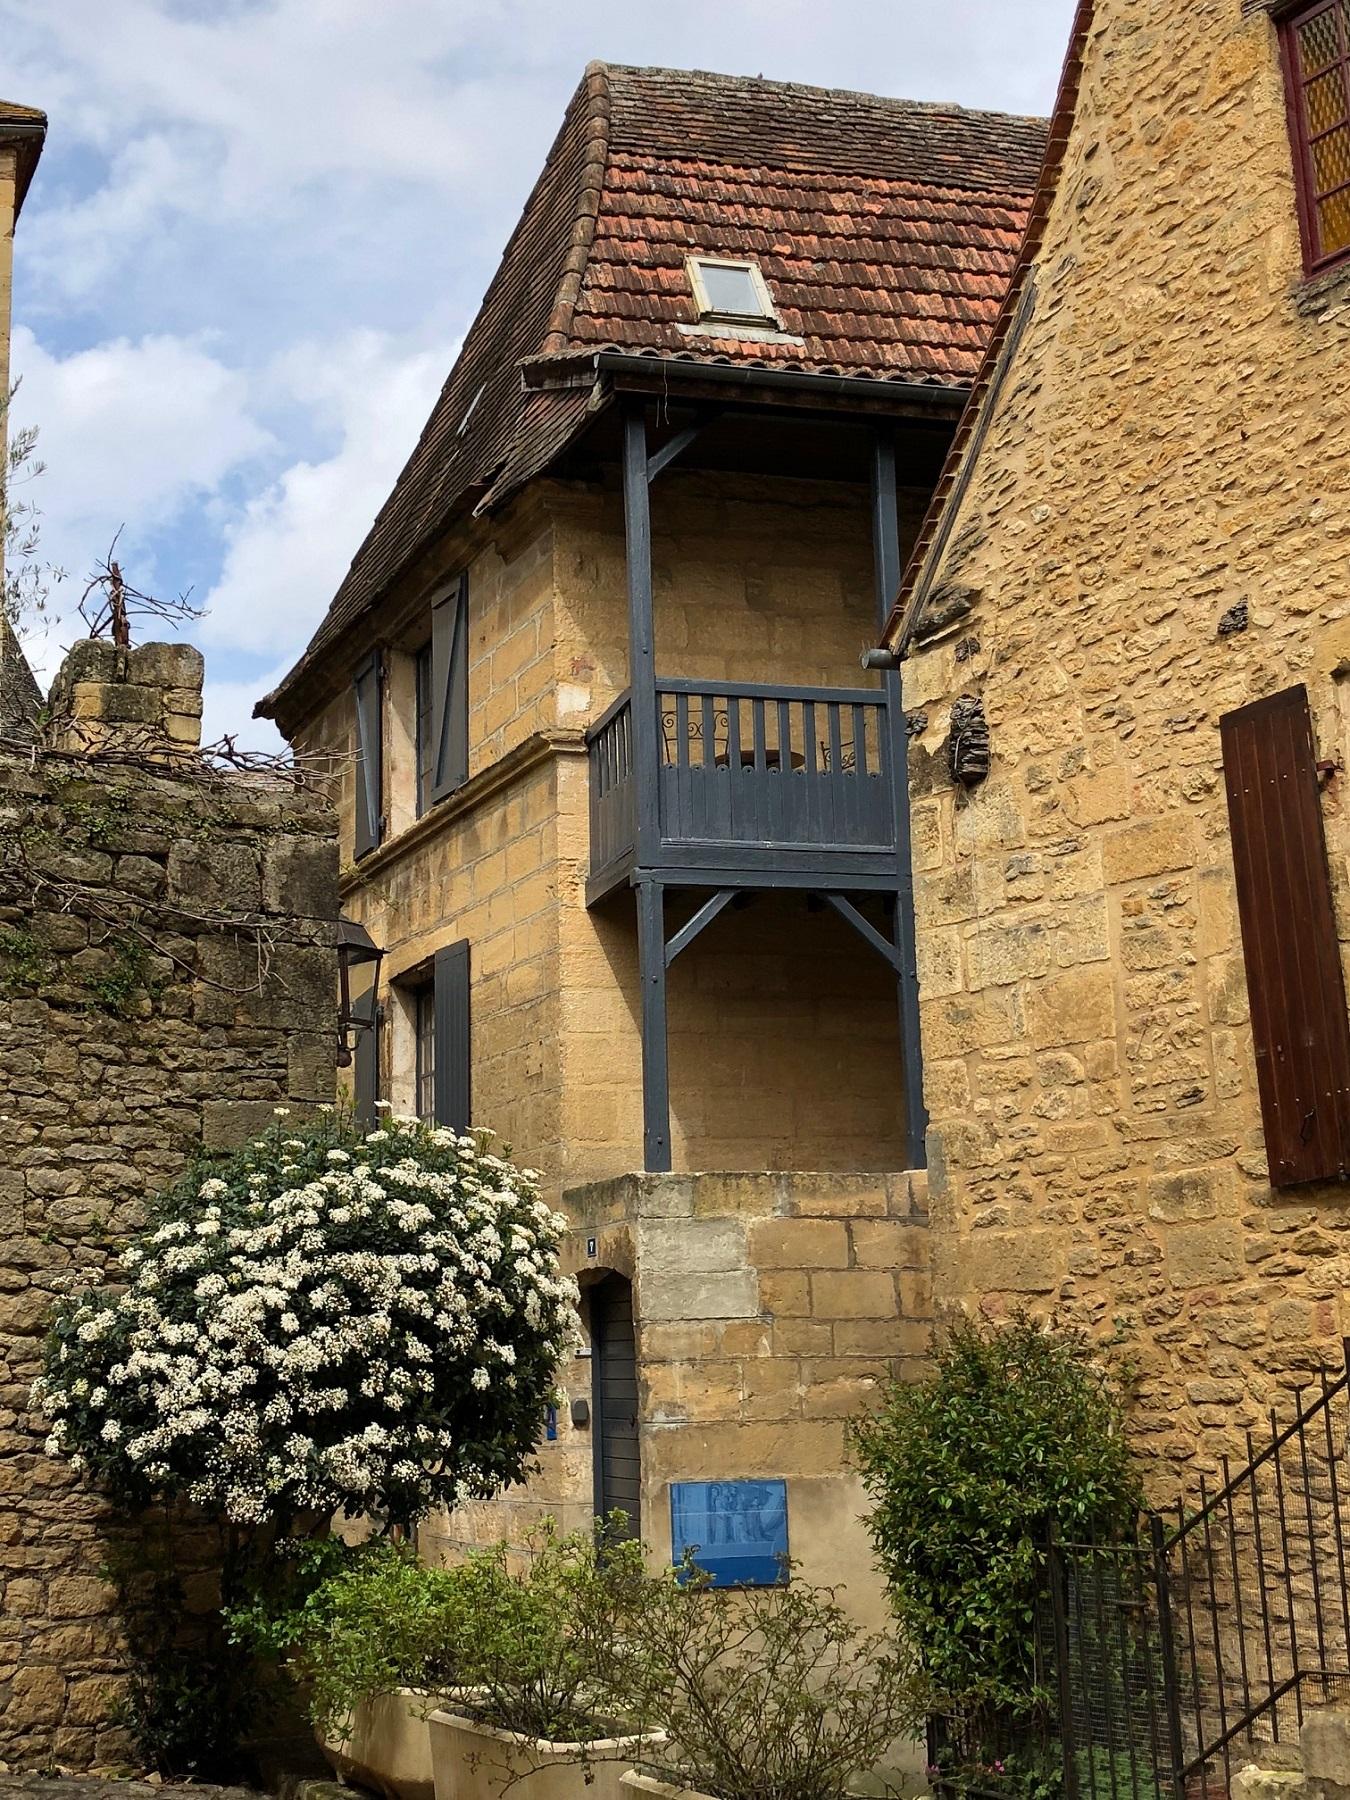 Maison traditionnelle , cité médiévale de Sarlat